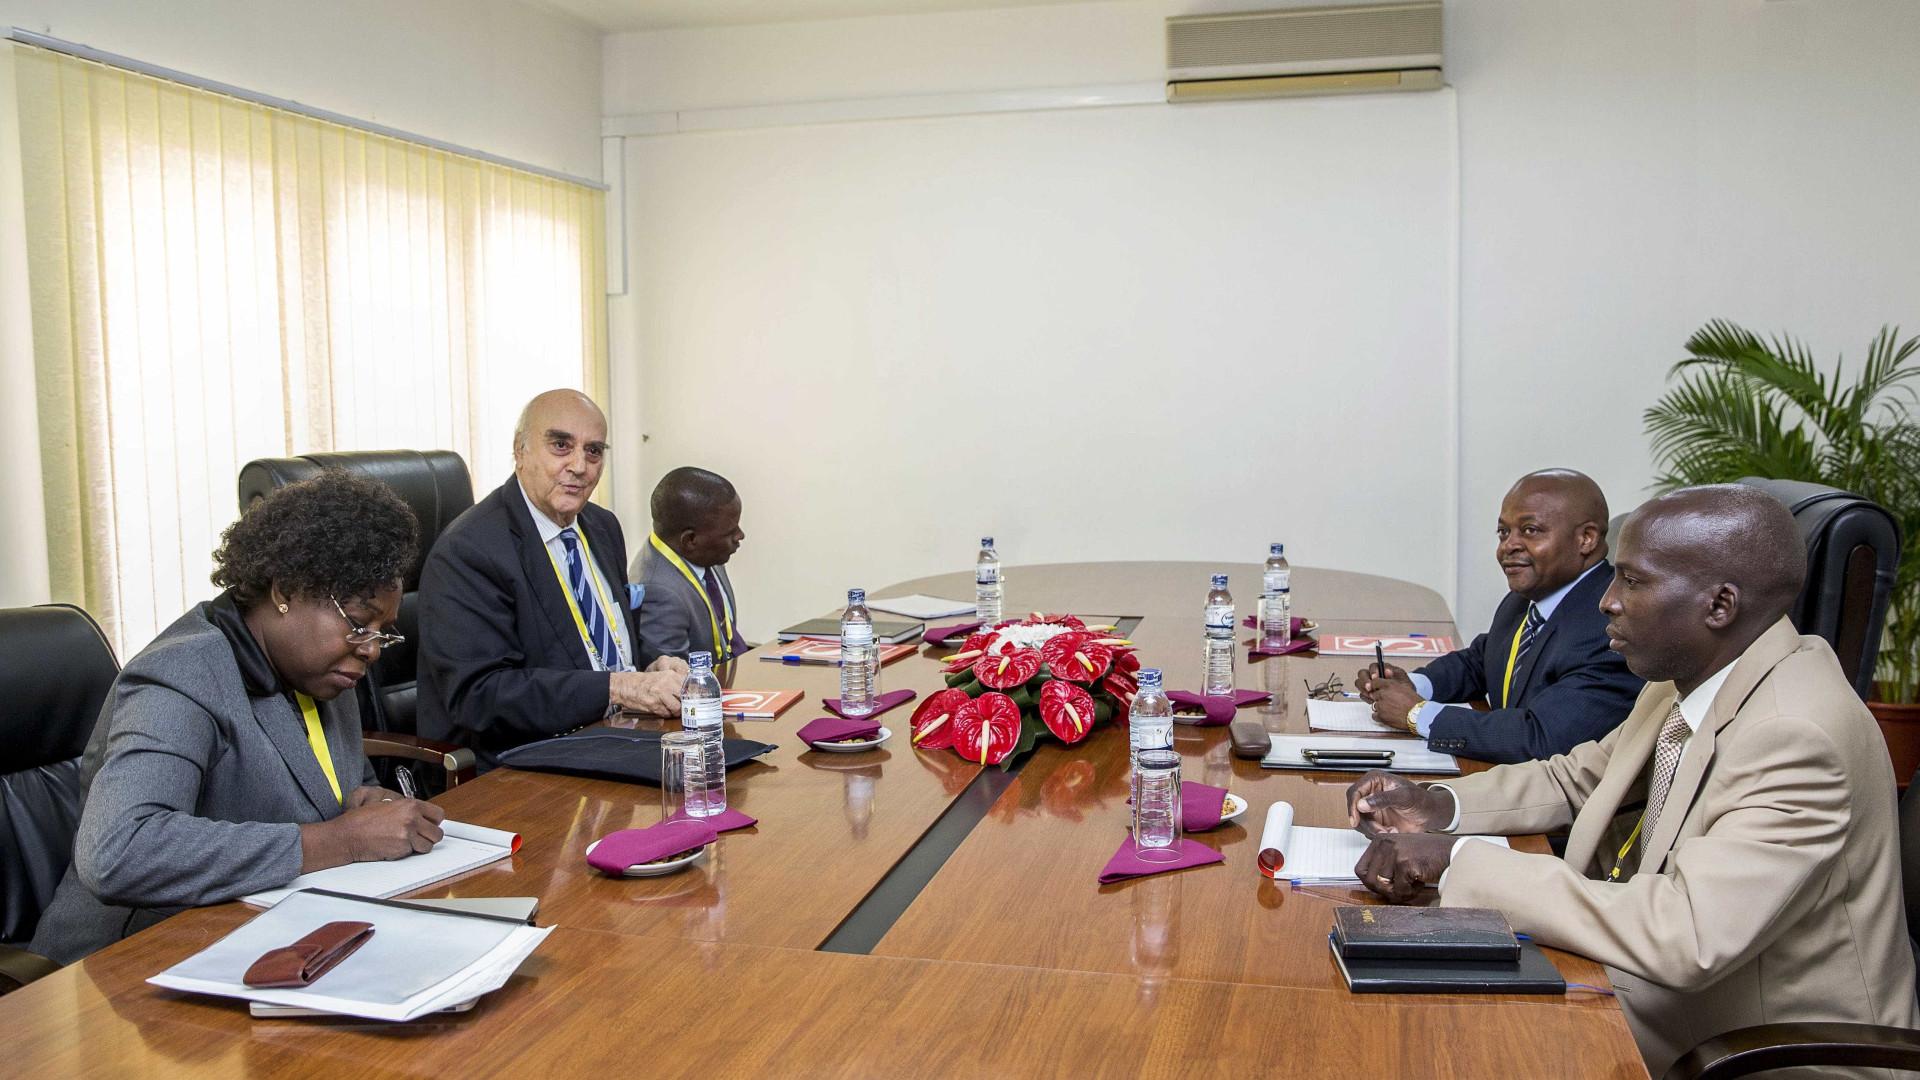 Negociações de paz em Moçambique retomadas após pausa de duas semanas